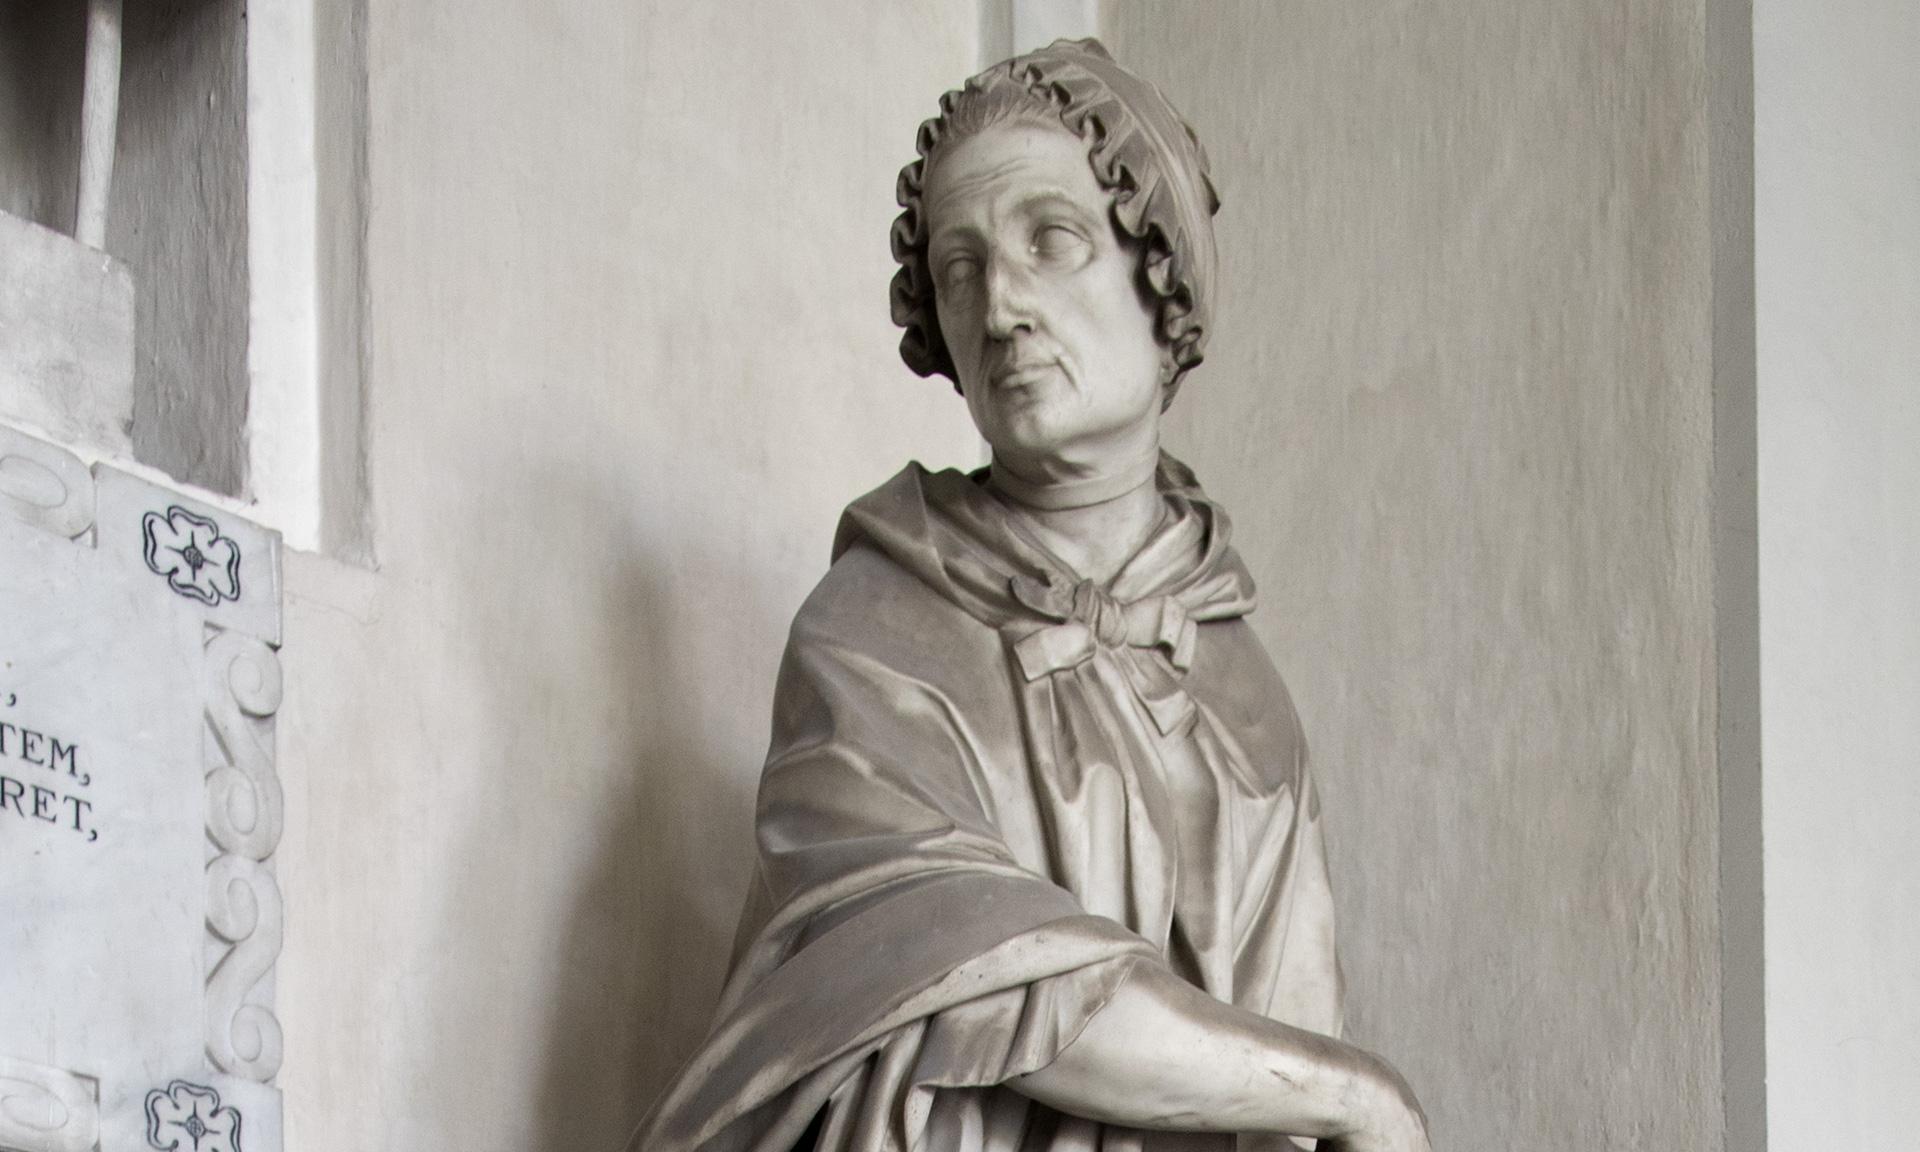 statue_spetimiae-gentili-pallavicinae_01 - Albergo dei Poveri Genova